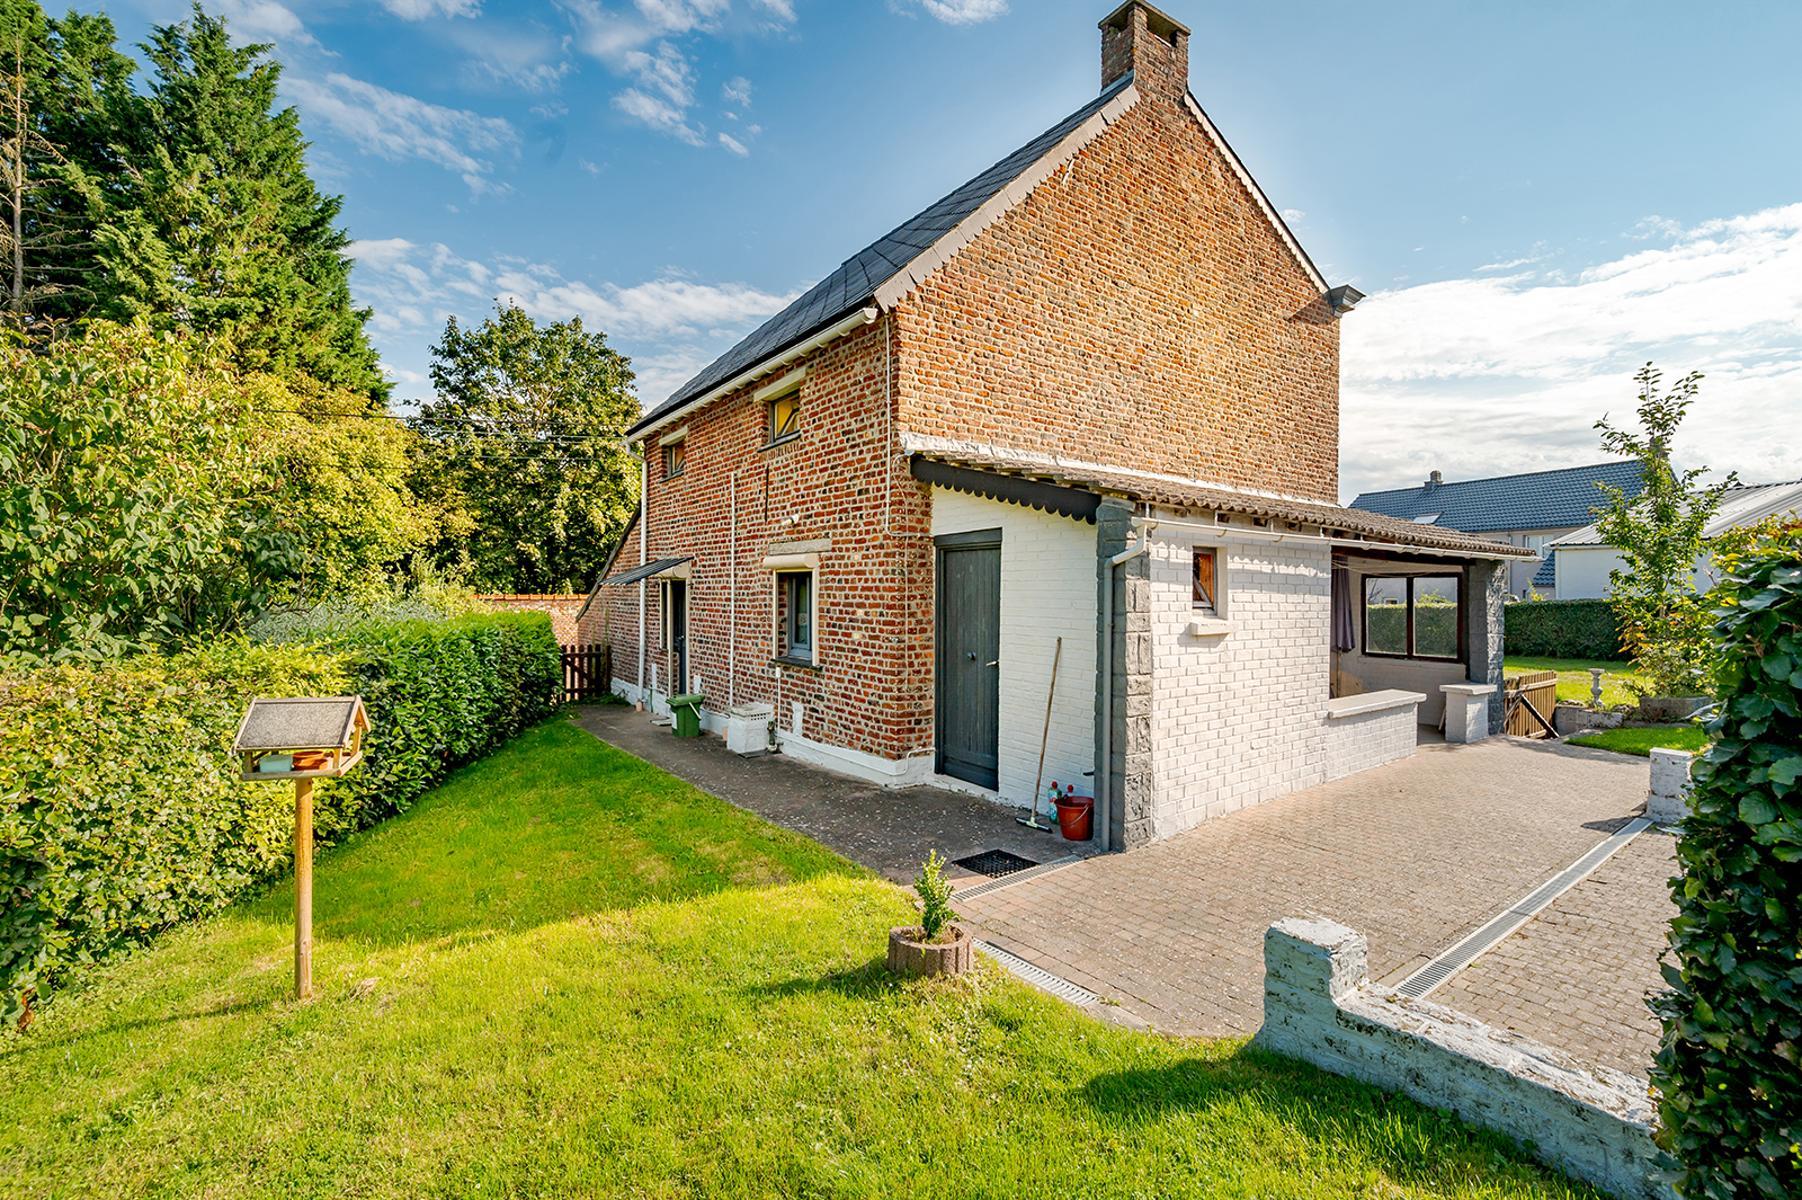 Maison - Braives Villeen-Hesbaye - #4496111-22